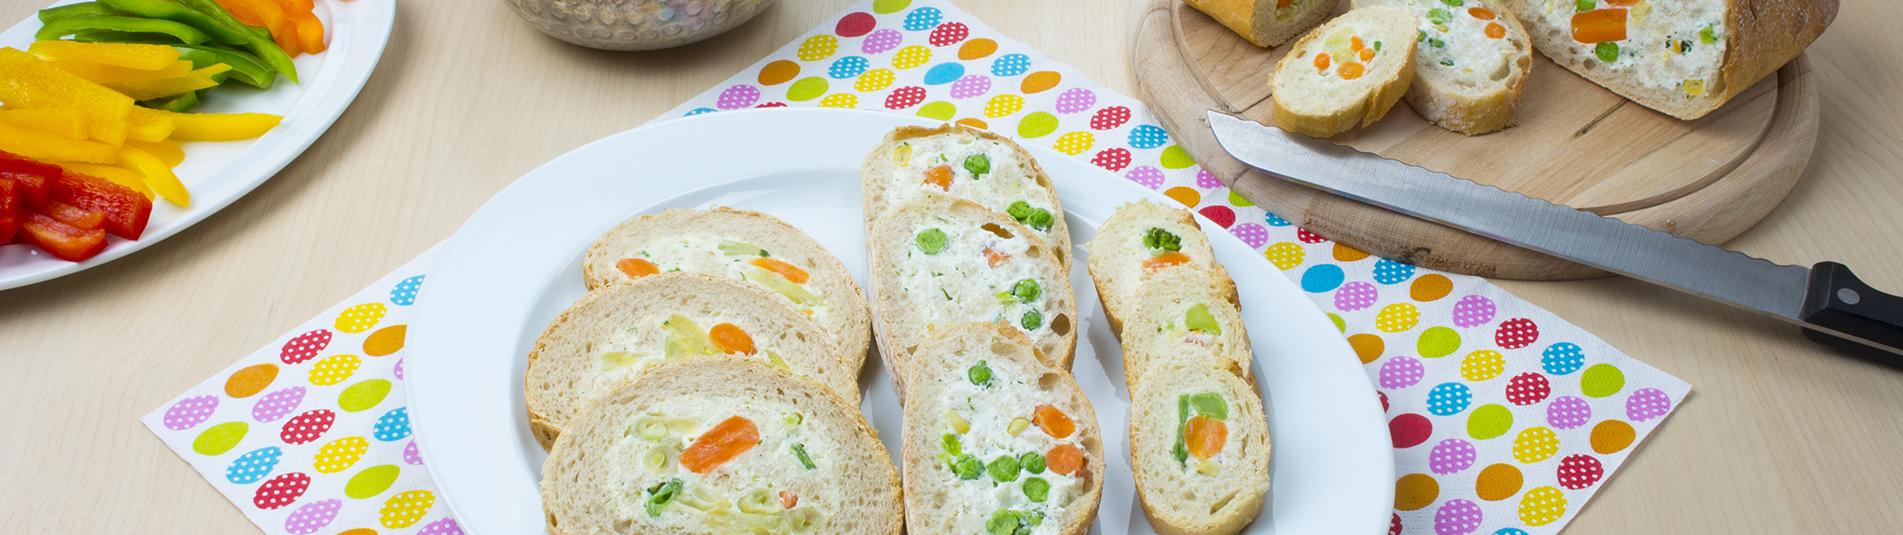 Traditionelles Osterbrot Rezept für die Feiertage.